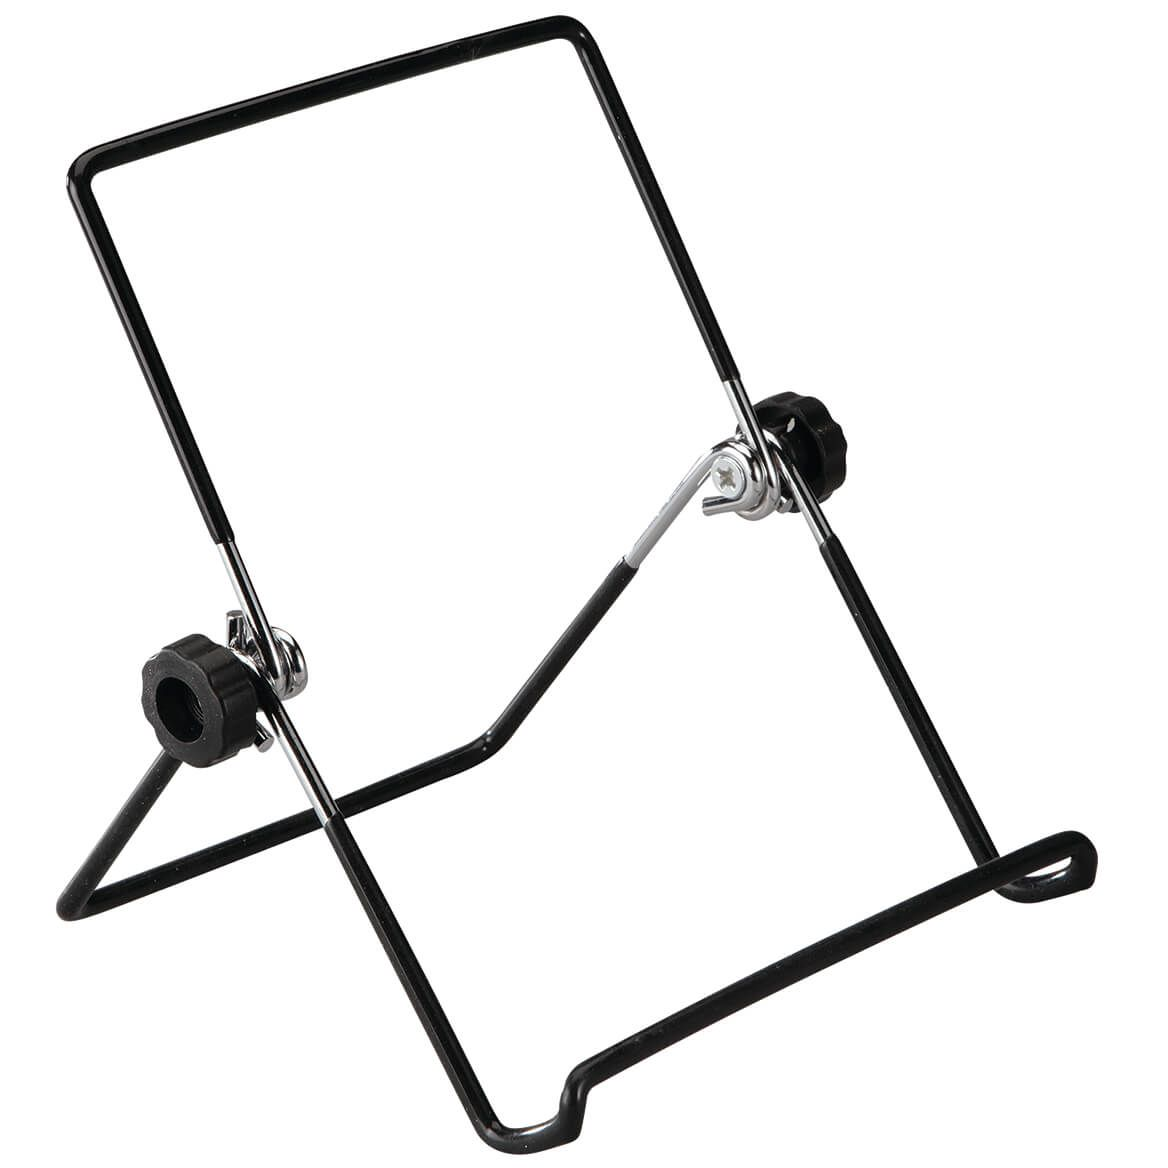 Multipurpose Adjustable Stand Set of 2-371443